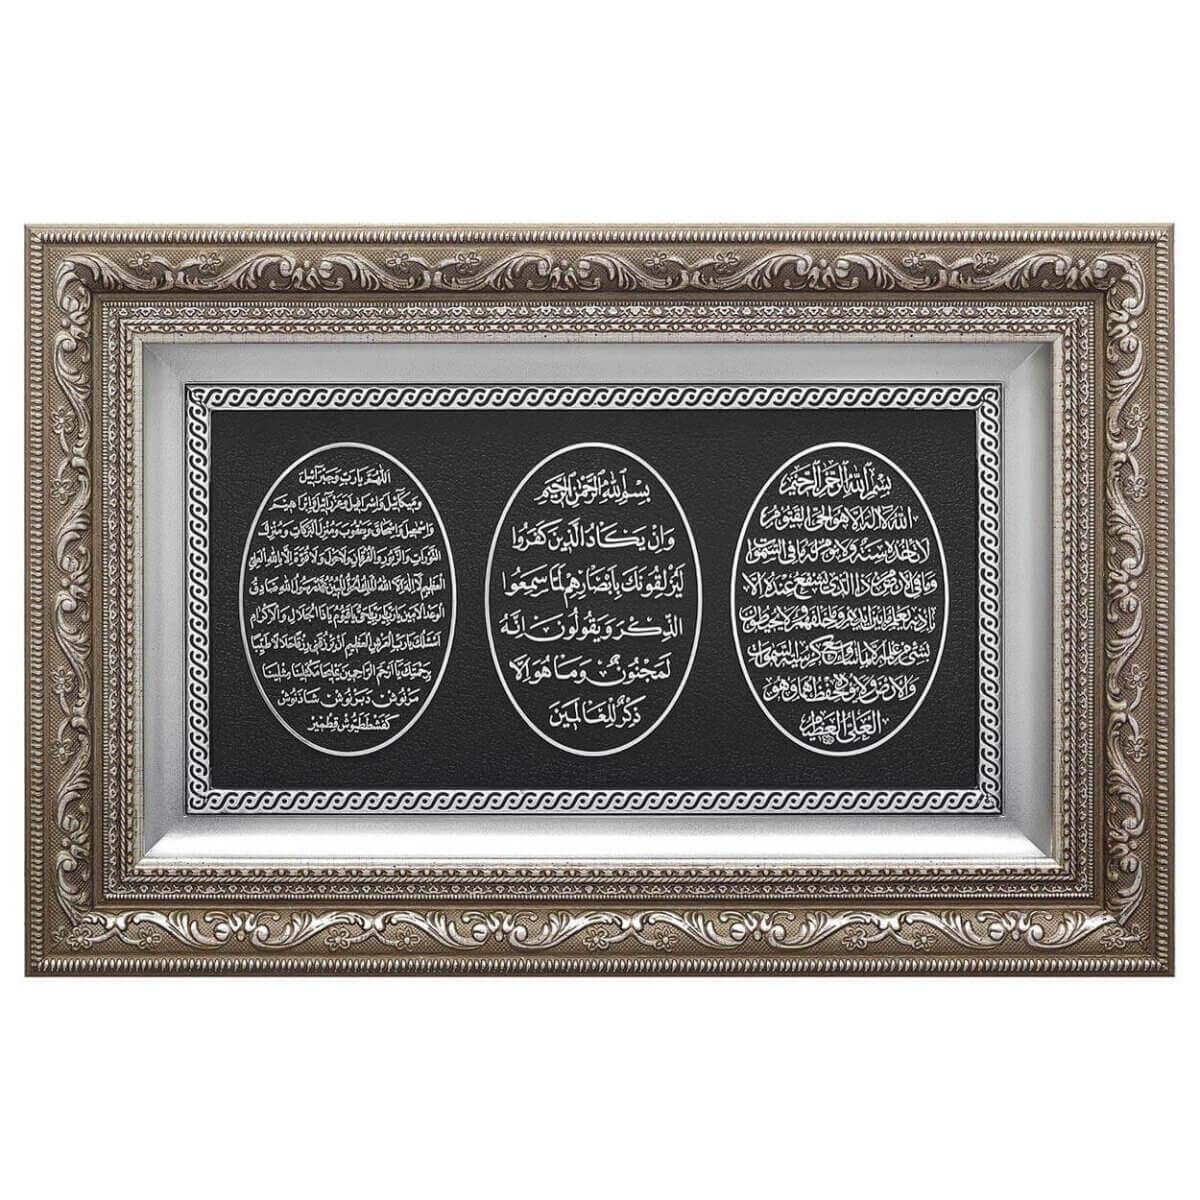 28x43cm Ayetel Kürsi-Nazar- Bereket(Karınca) Duası Kapı Girişine Uygun Çerçeve Tablo Ayetli Tablolar